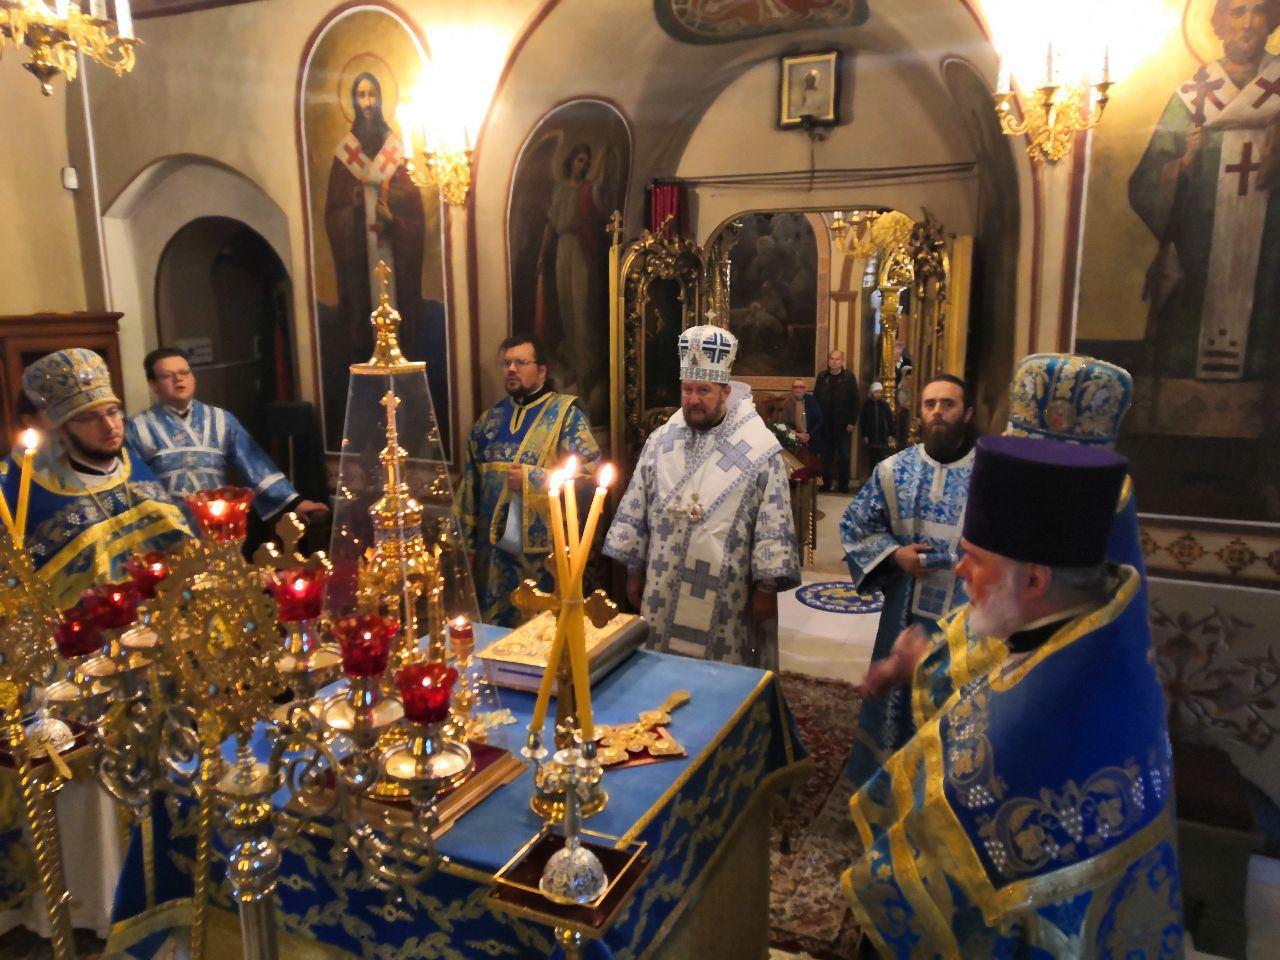 Празник Казанске иконе Пресвете Богородице свечано обележен на Подворју СПЦ у Москви